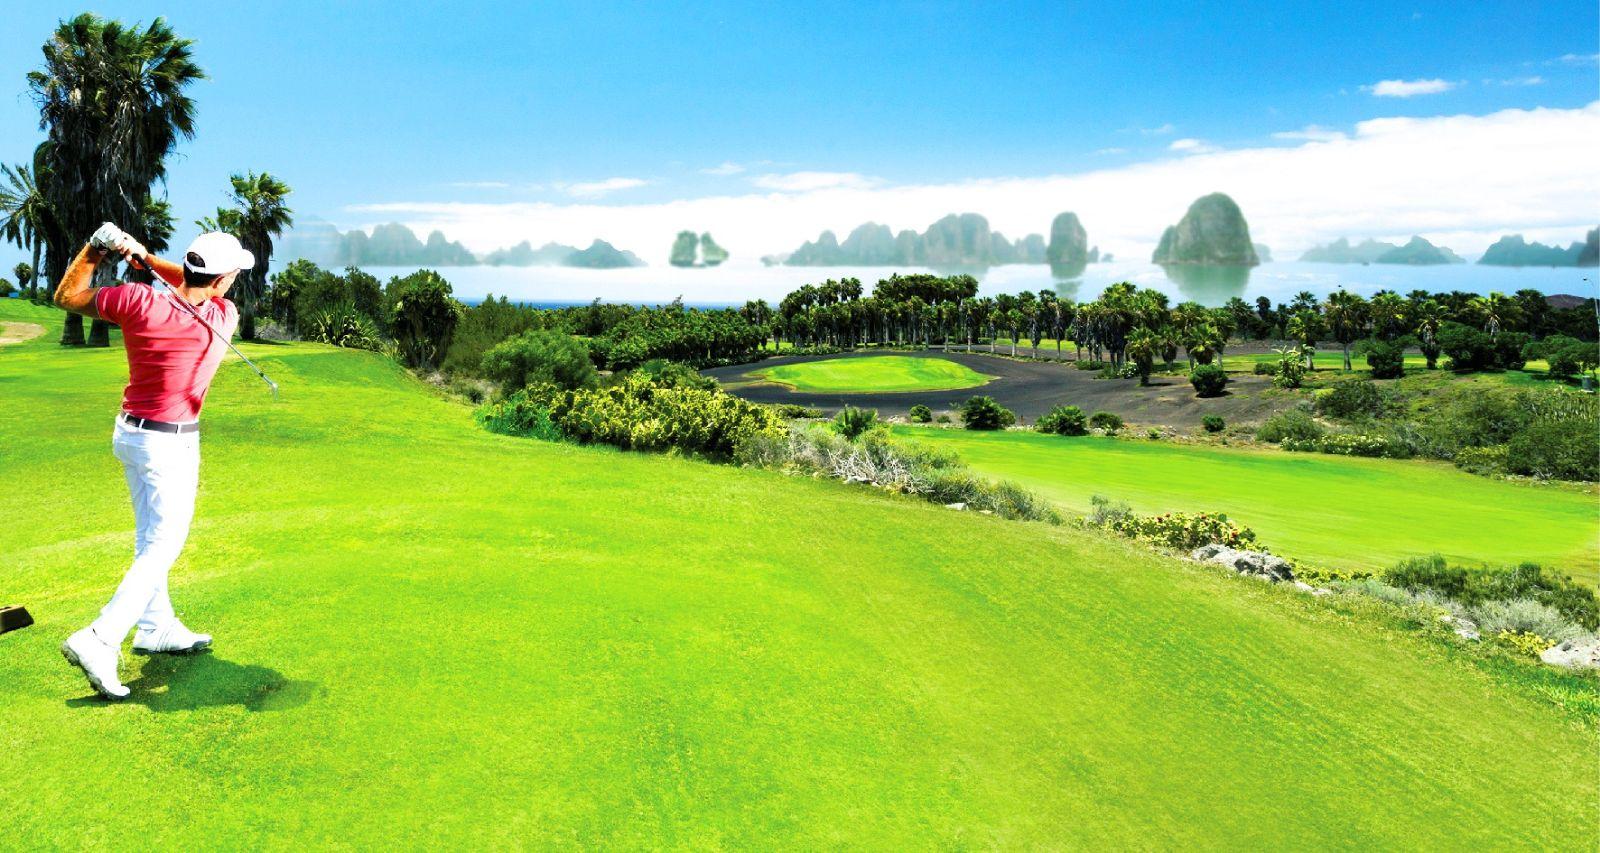 FLC Hạ Long lần đầu mang đến những dịch vụ như sân golf, trường huấn luyện cưỡi ngựa với địa thế trên đồi hướng biển tuyệt đẹp